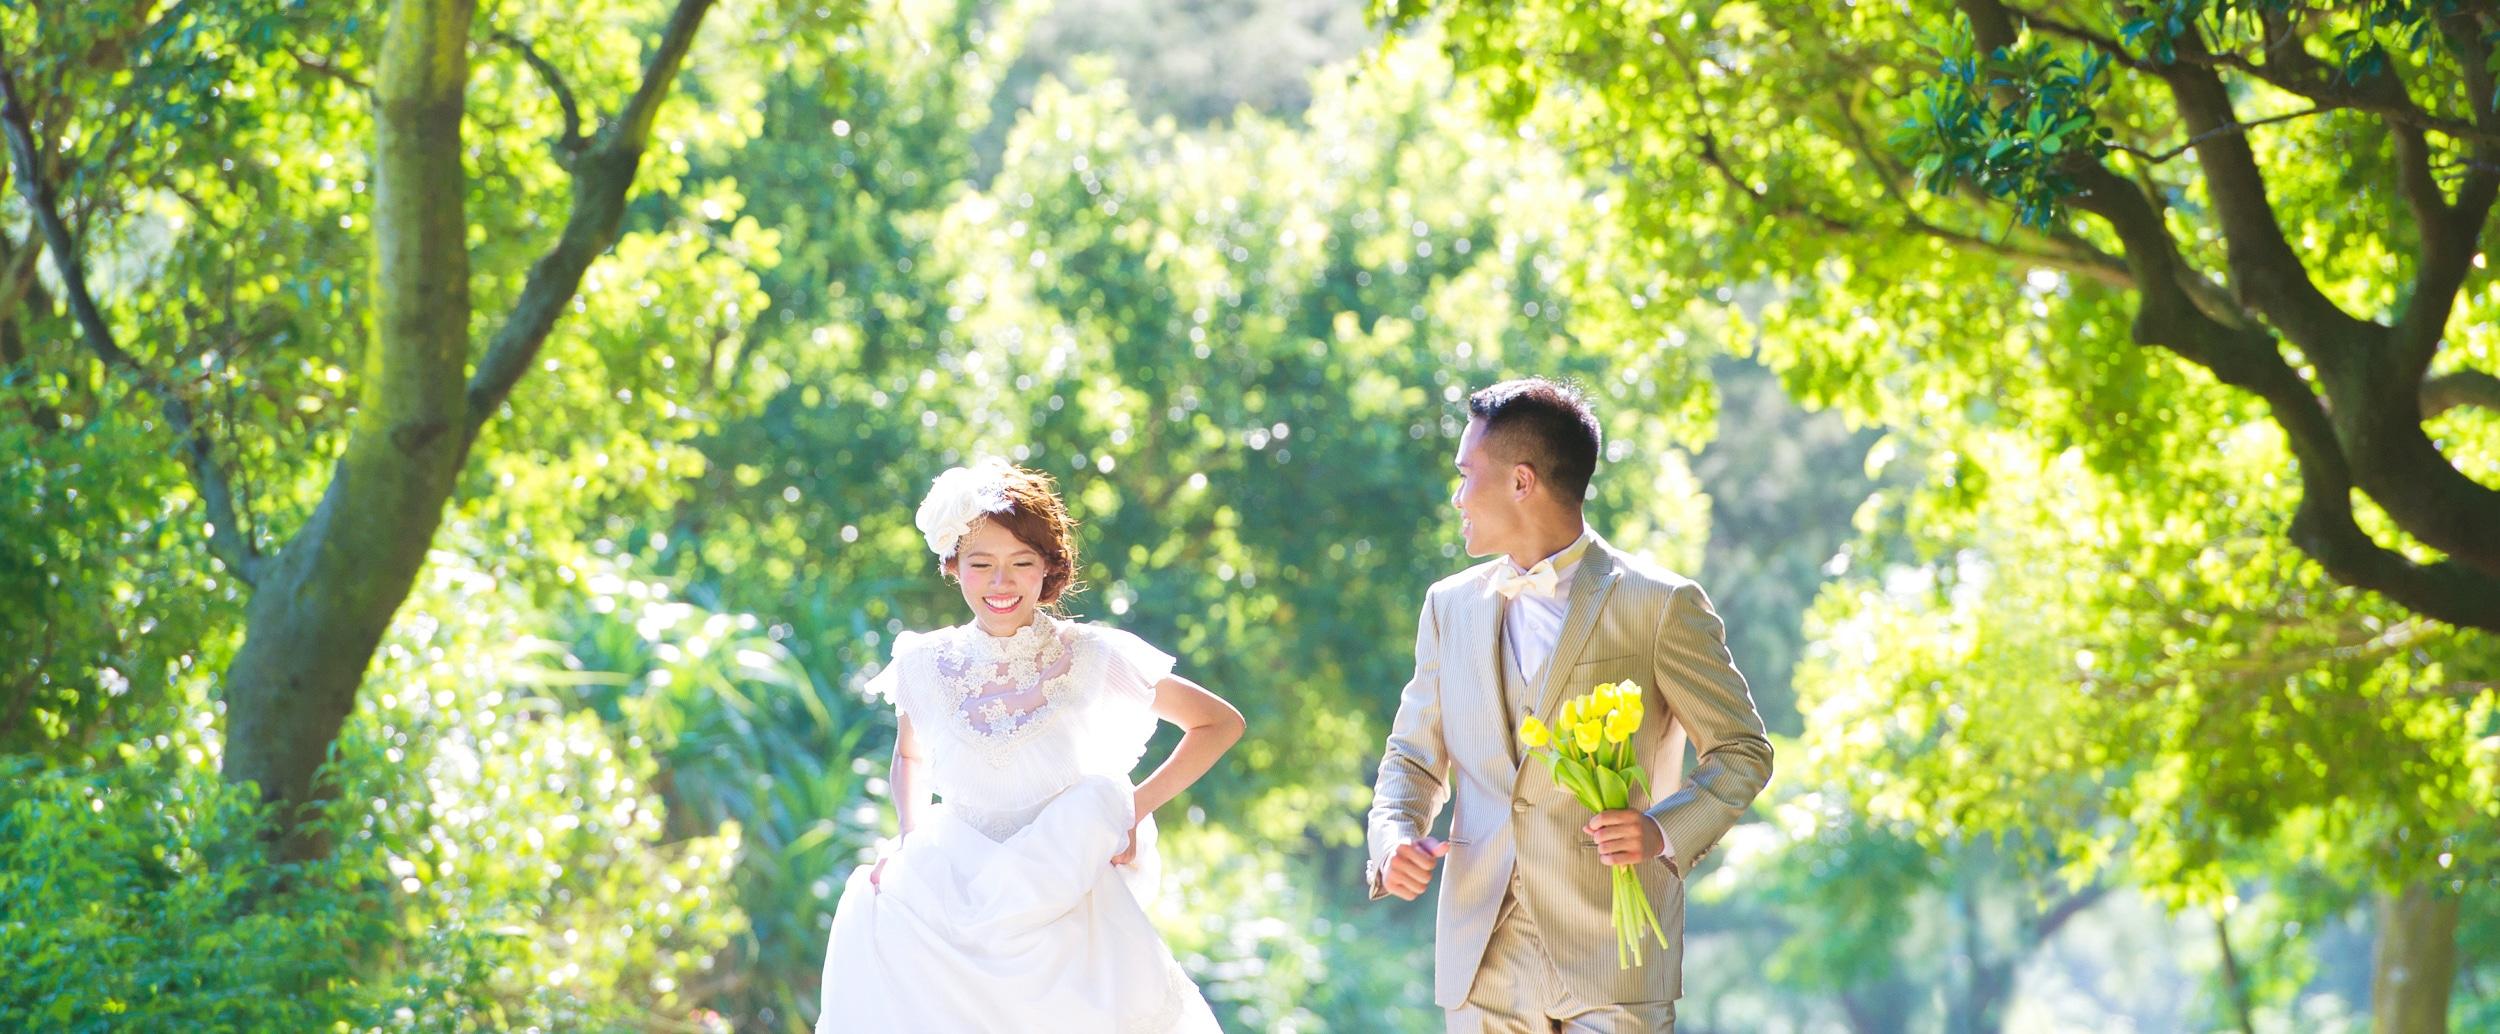 bride and groom hving a happy hk prewedding shooting